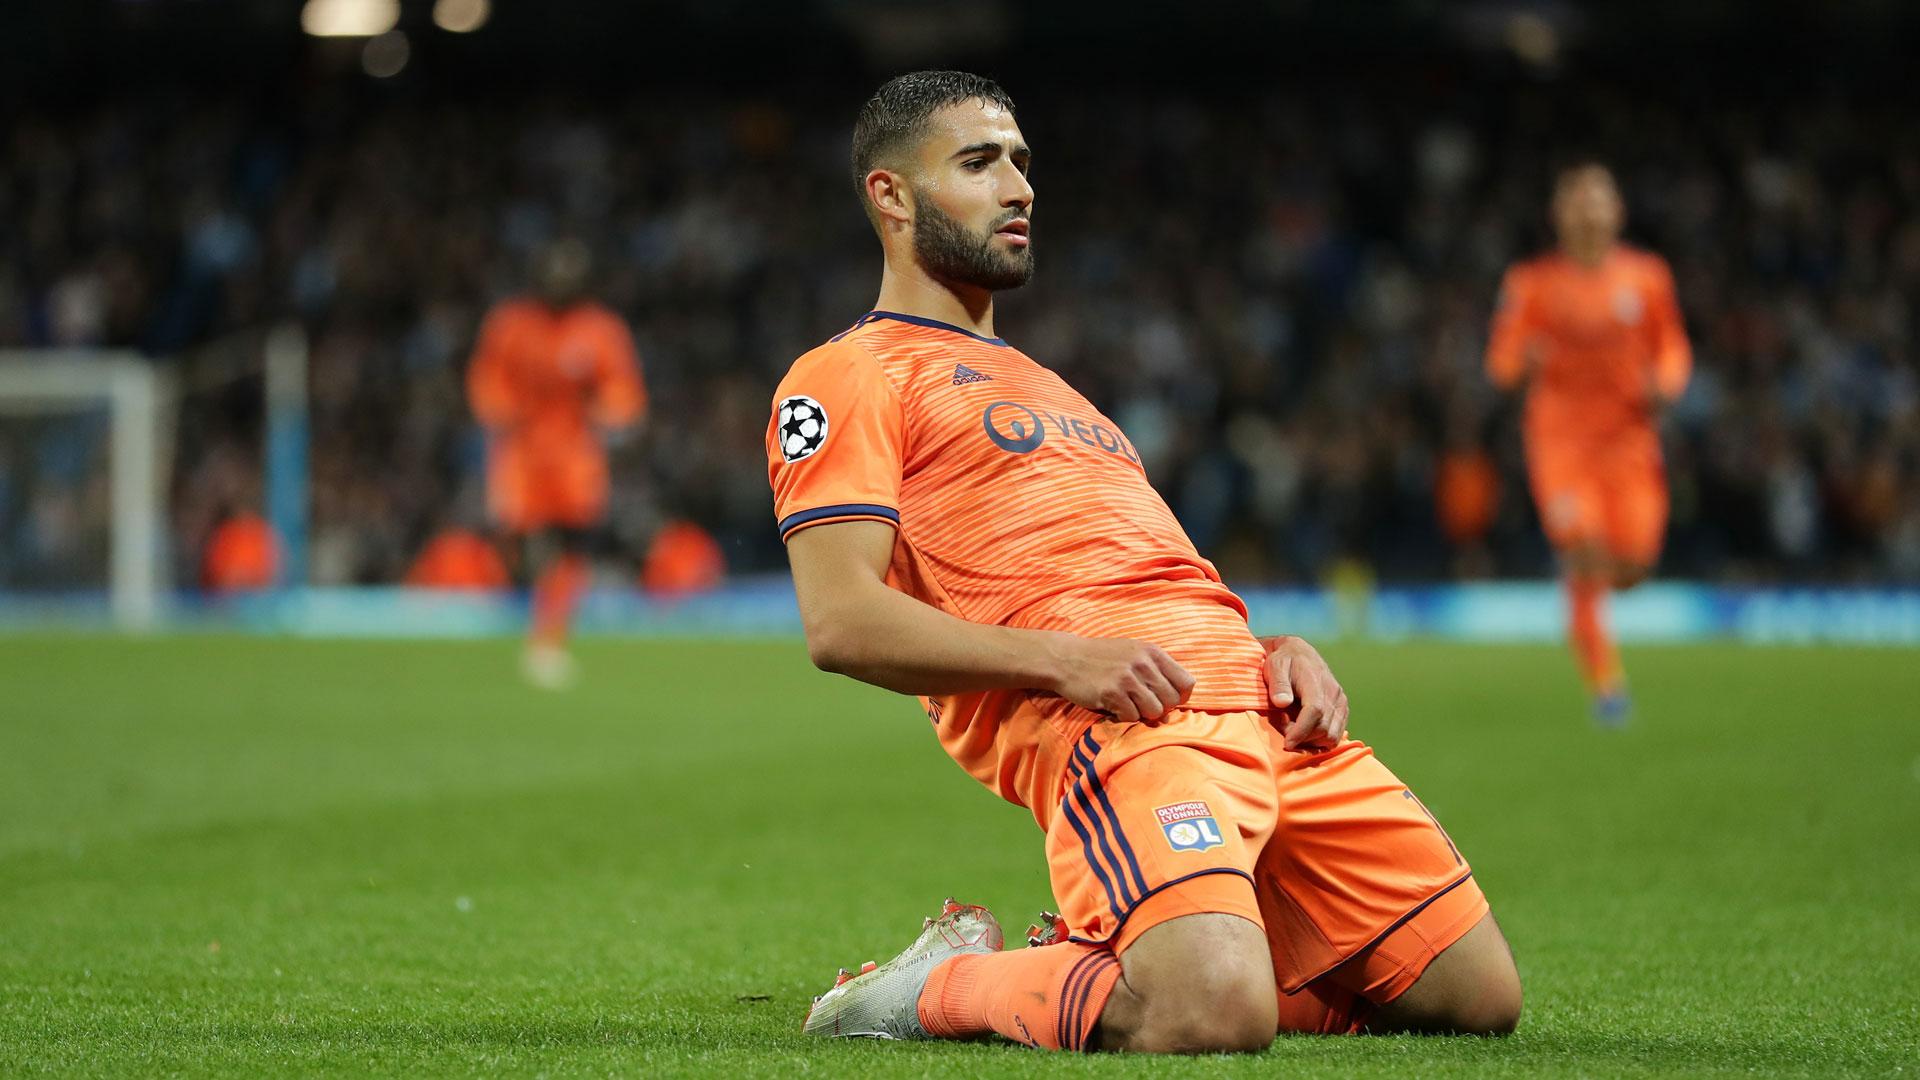 Mercato - OL : Pourquoi Nabil Fekir a-t-il décidé de rejoindre le Betis Séville ?